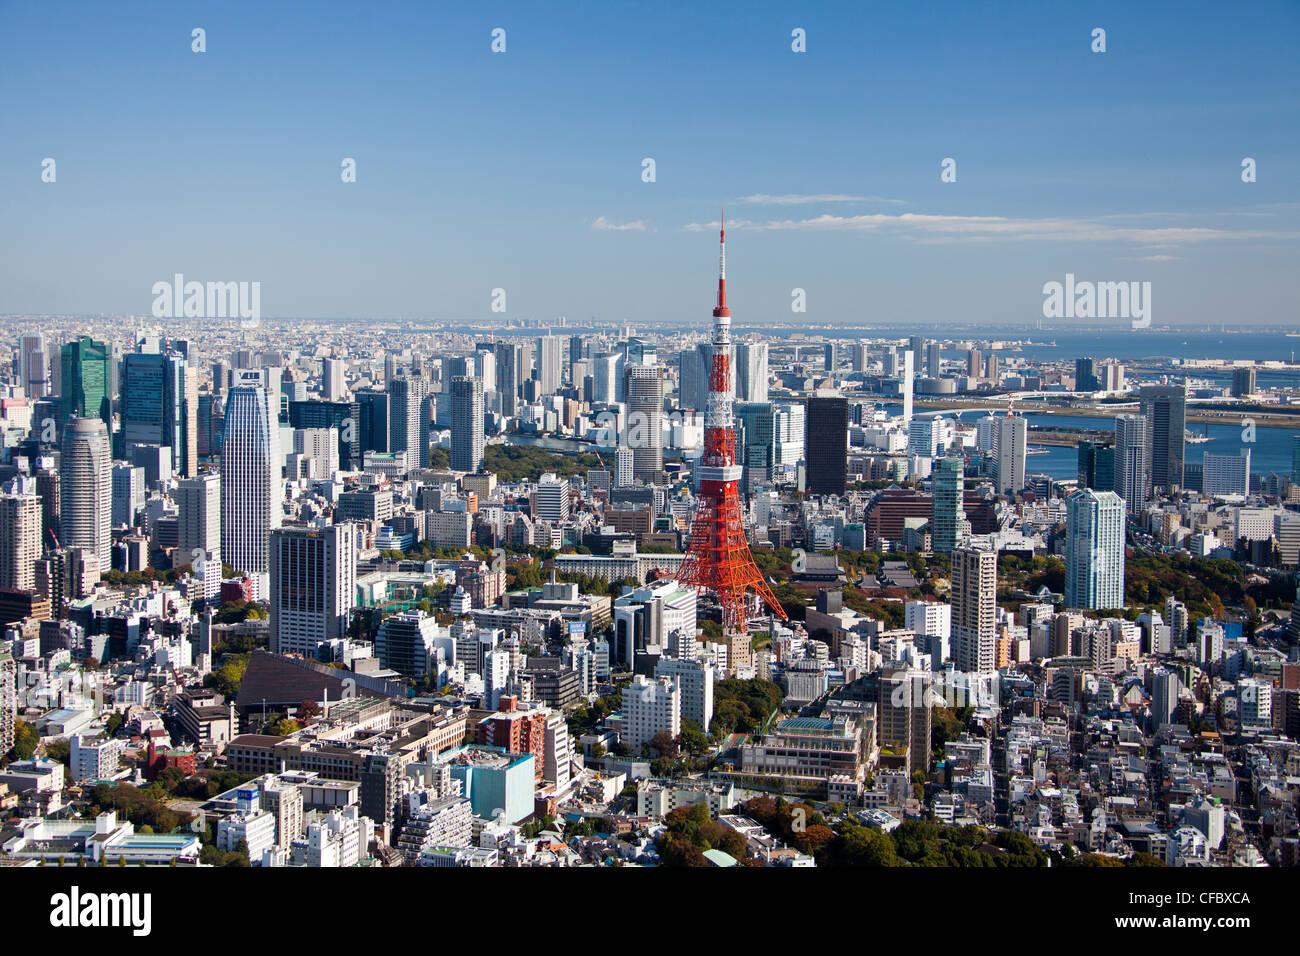 Le Japon, en Asie, Tokyo, ville, toits de Tokyo, Tour de Tokyo, de l'architecture, big, les bâtiments, la ville, Banque D'Images